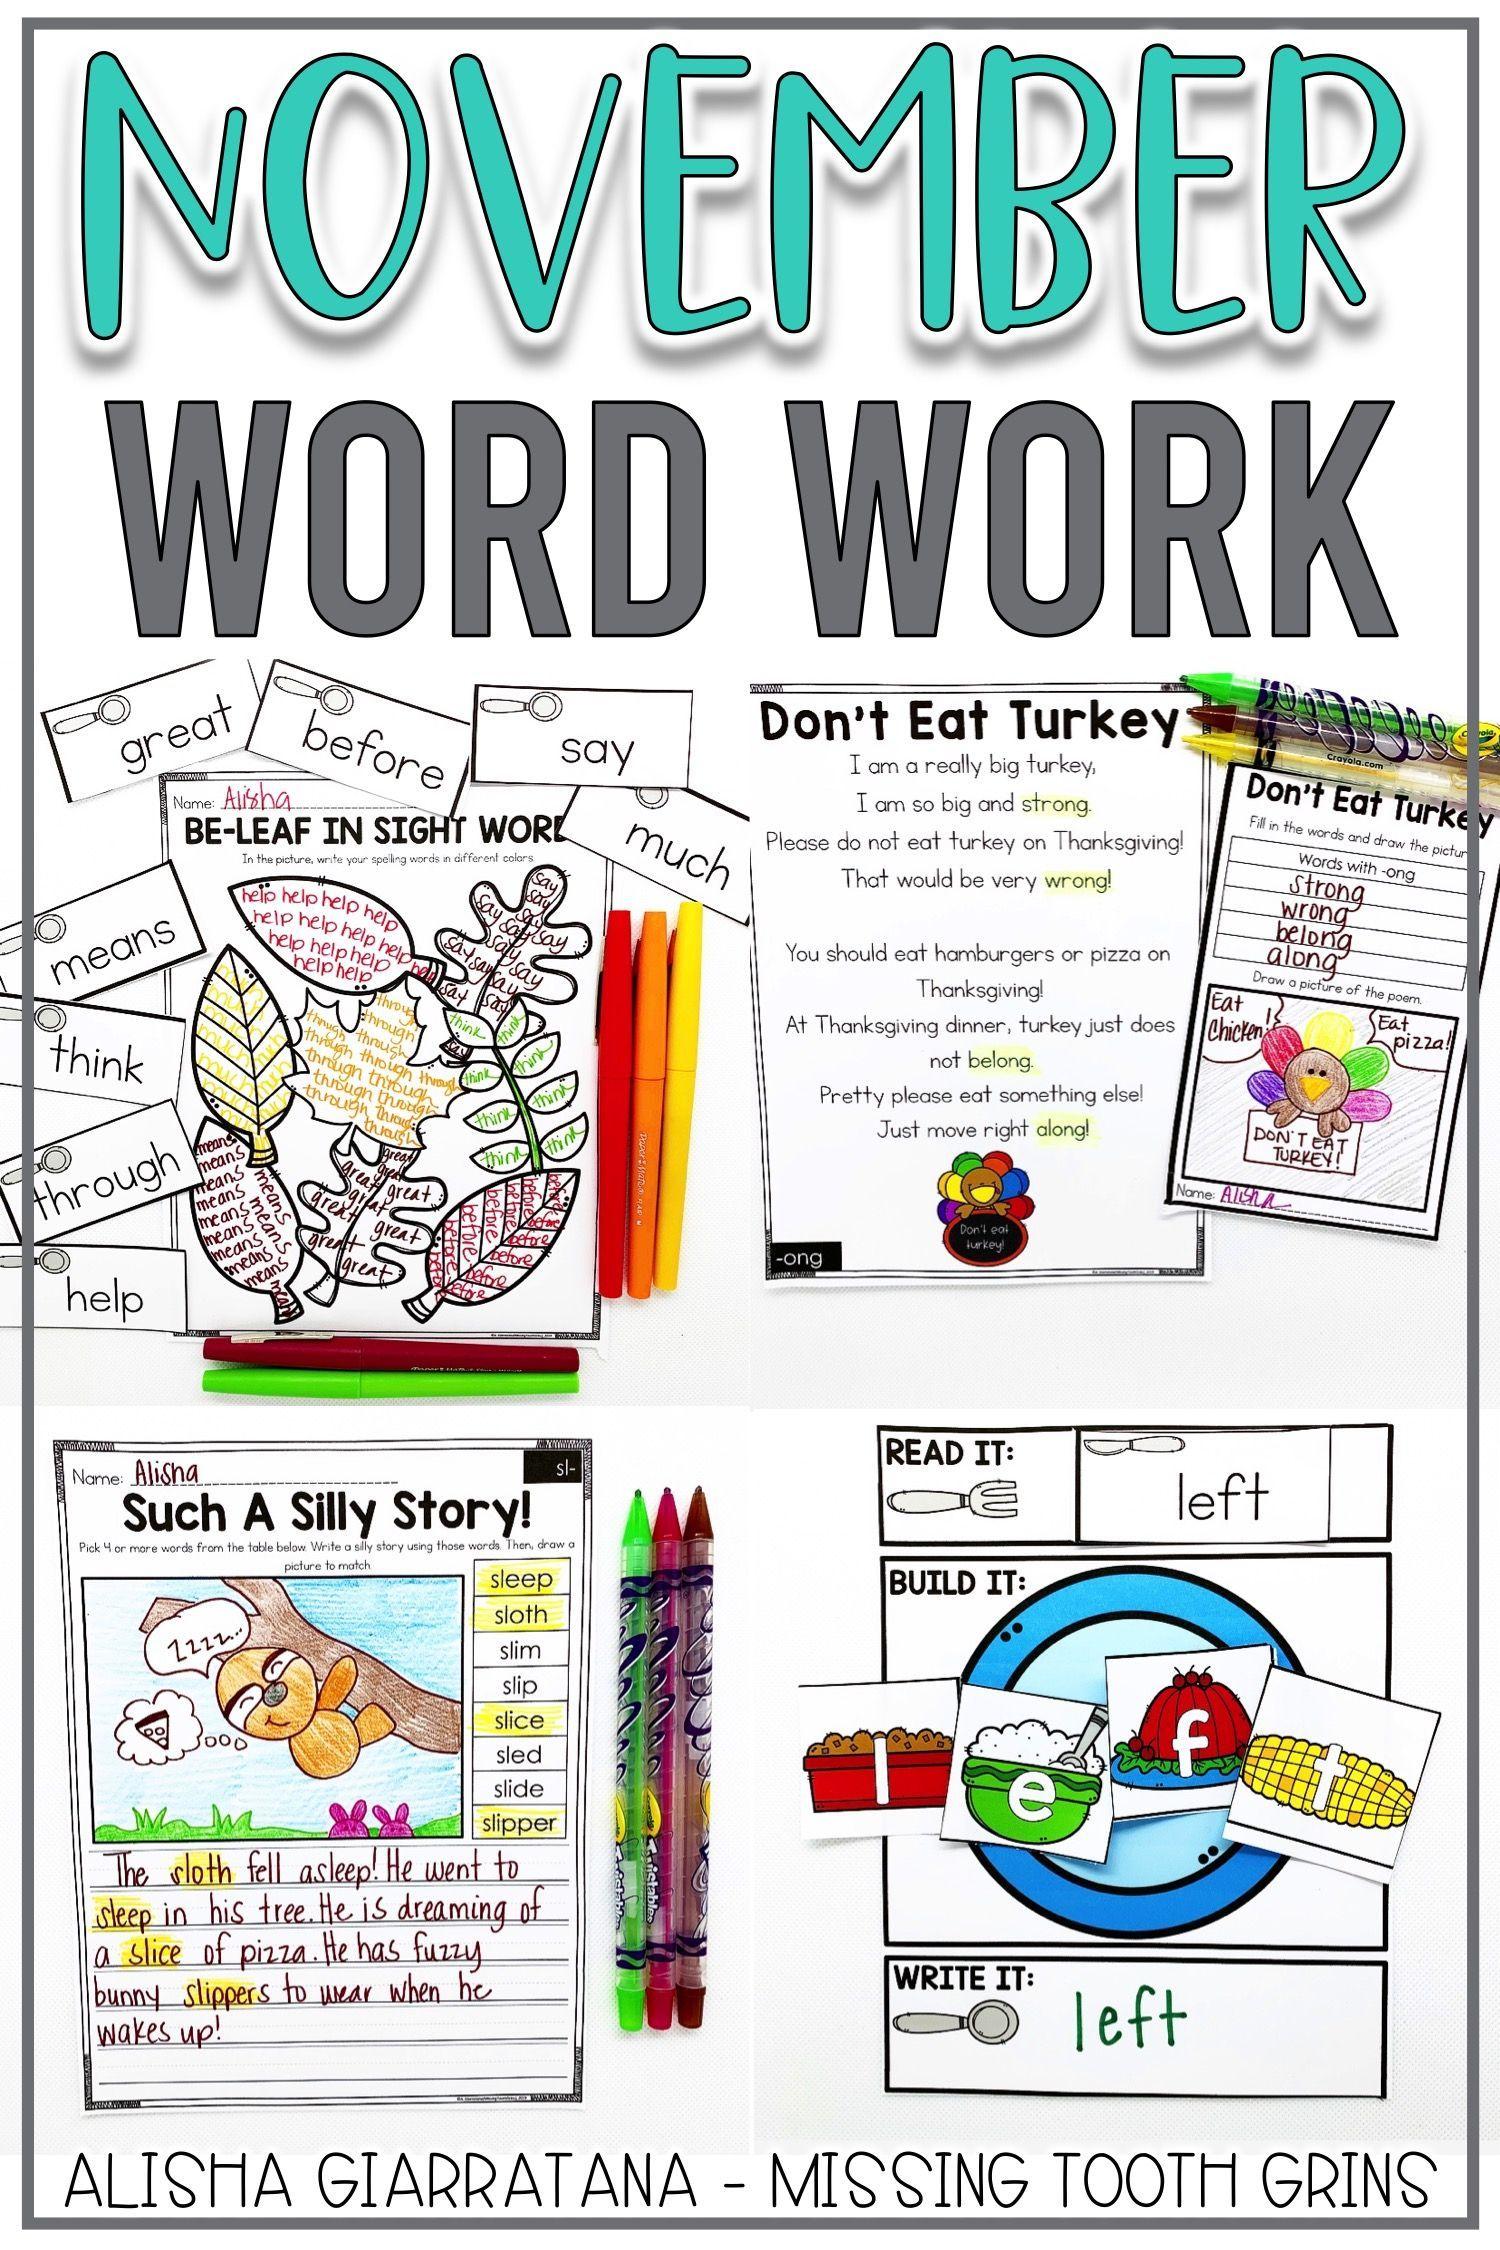 Word Work Center November